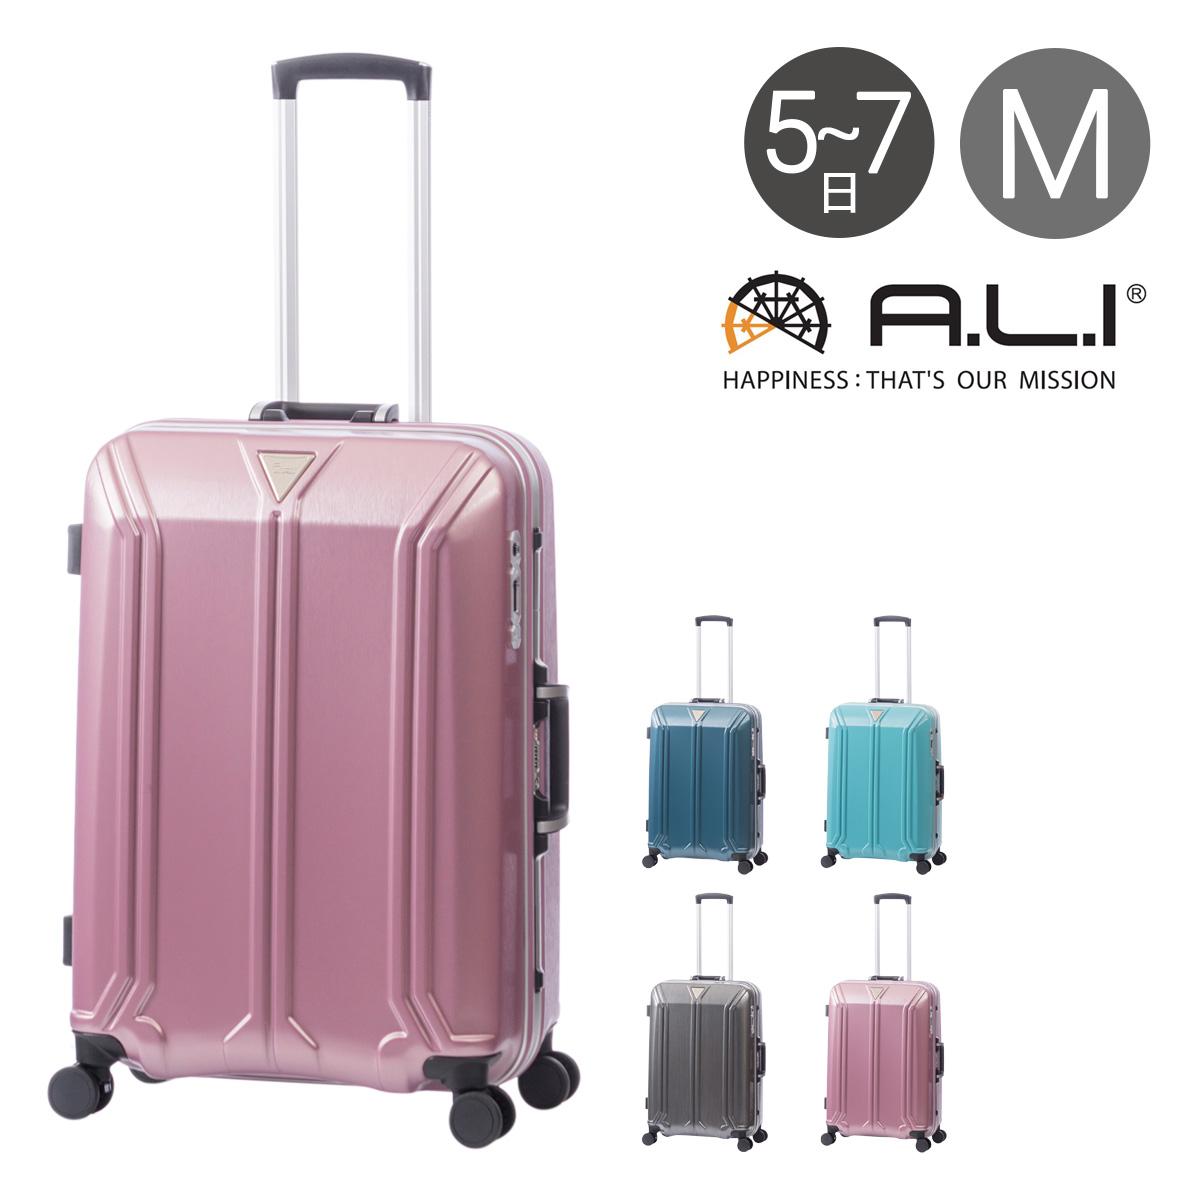 アジアラゲージ スーツケース|62L 60.5cm 4.4kg ALI-1031-24S|ハード フレーム|A.L.I イケかる|TSAロック搭載 ストッパー付き キャリーバッグ キャリーケース[PO10][bef]